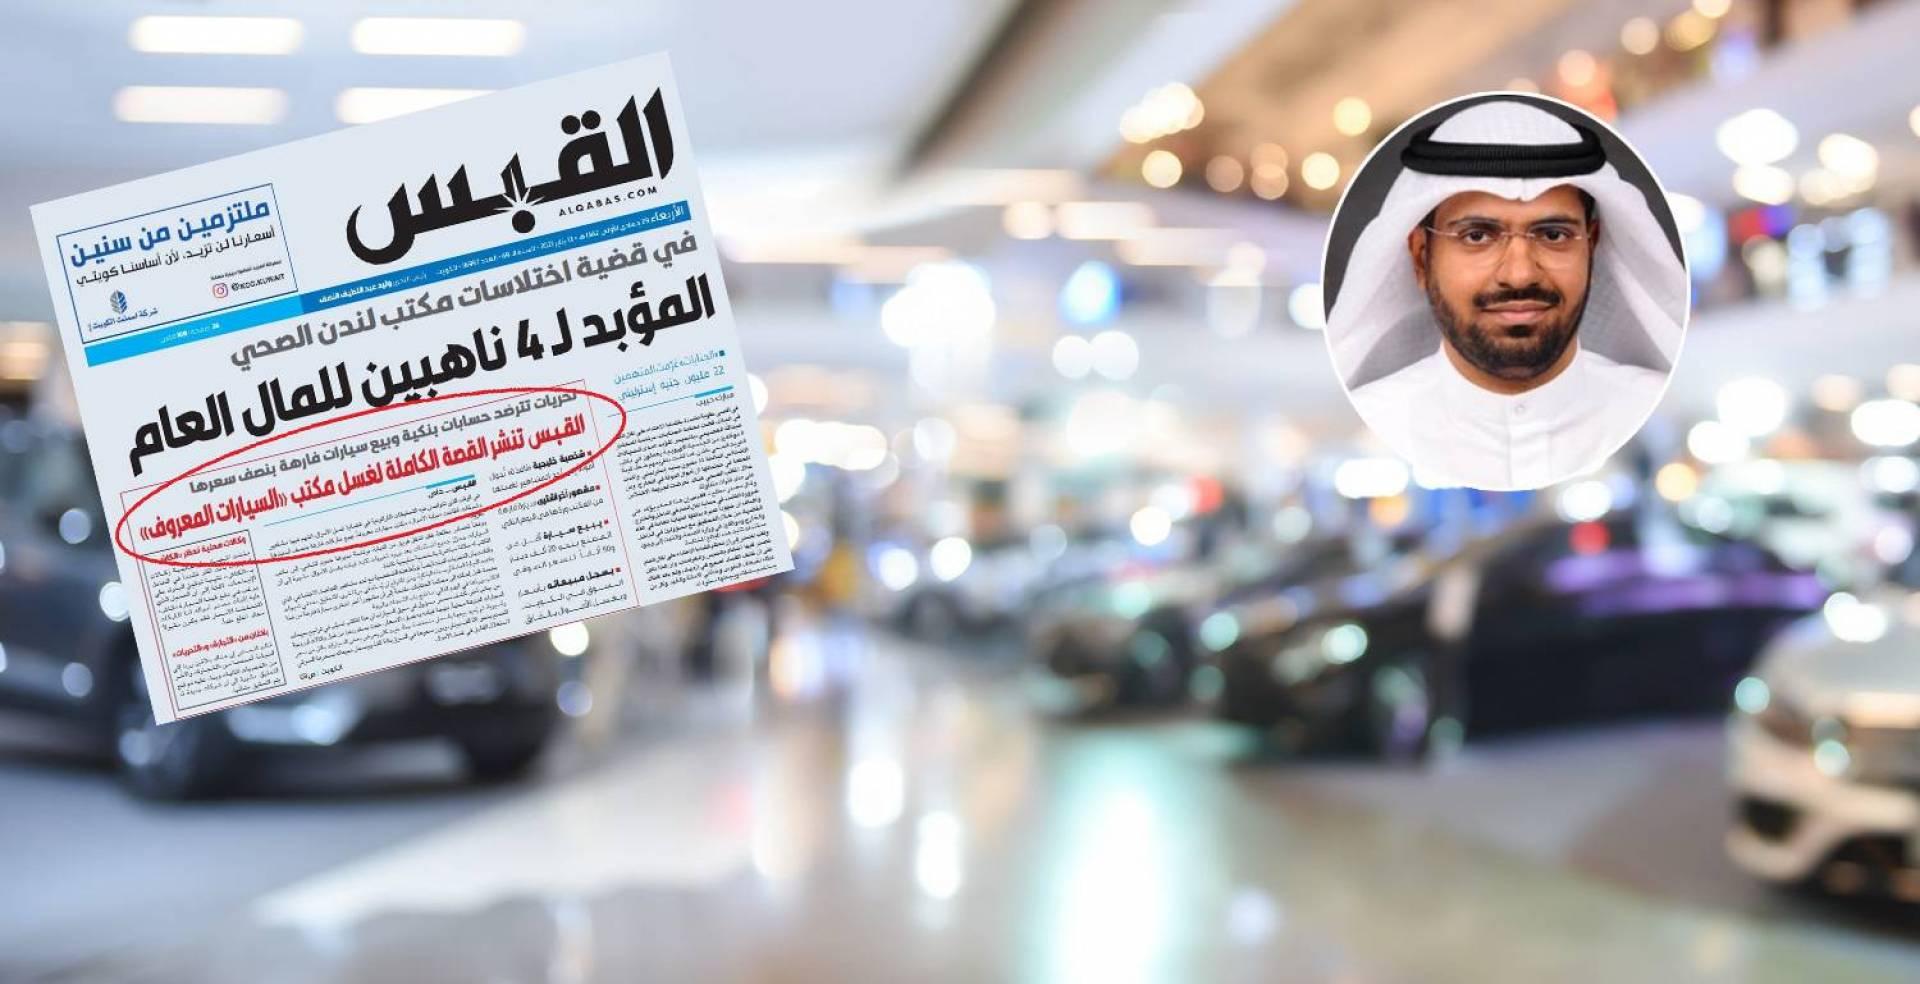 محامي مكتب «السيارات المعروف» د. حسين بوعركي: أحد المنافسين تقدم بشكوى وحُفظت لعدم الجدية